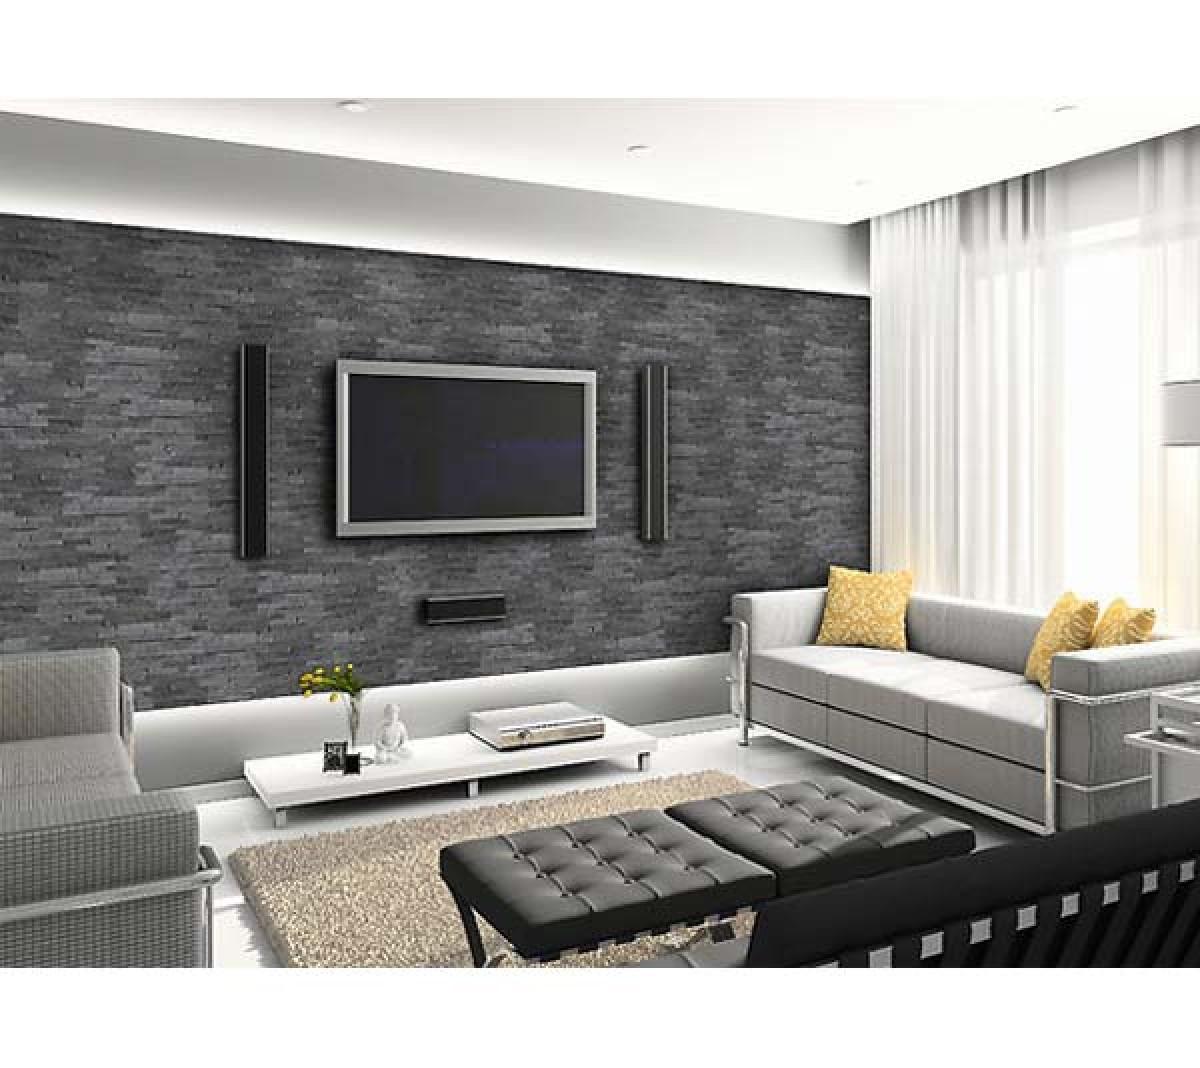 naturstein wohnzimmer amazing in einem grossen wohnzimmer mit und naturstein und ziegelwand. Black Bedroom Furniture Sets. Home Design Ideas